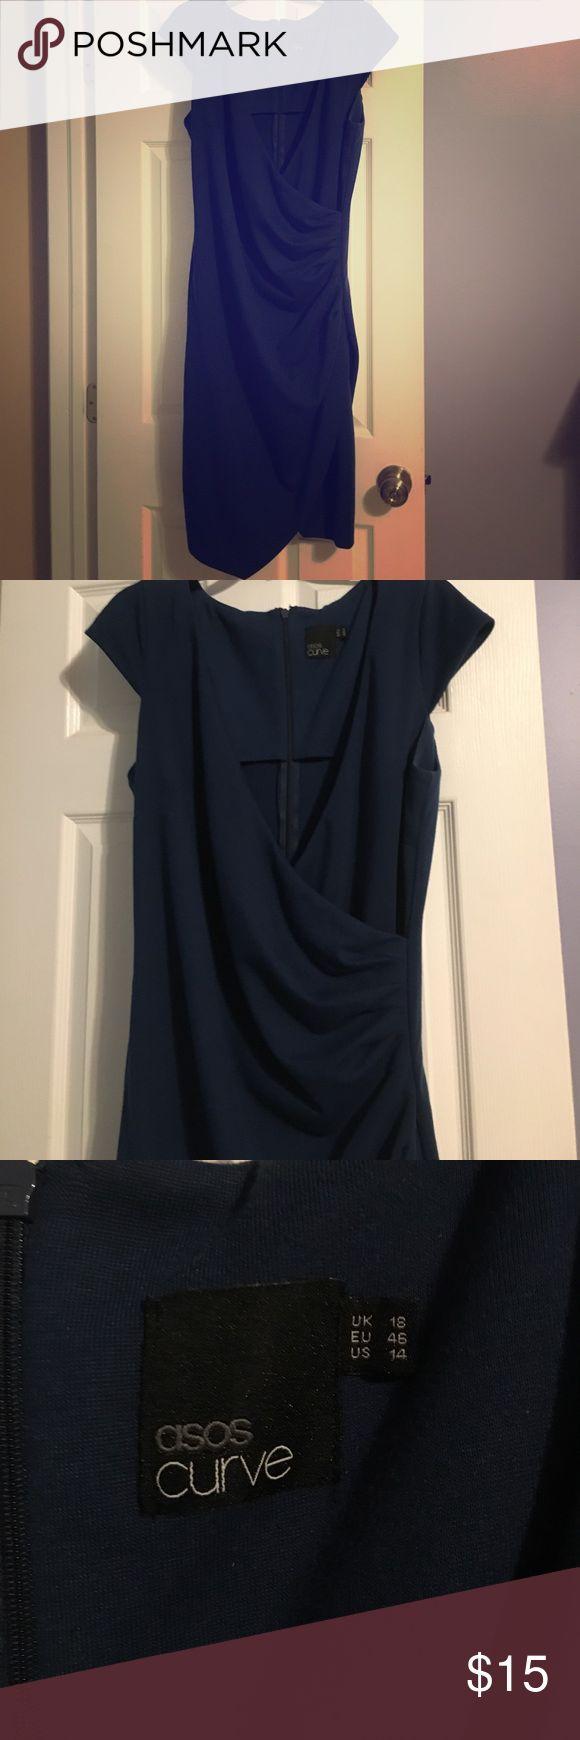 Euc asos curve dress Euc asos curve dress size 16. Bought too big! Reposh ASOS Curve Dresses Midi